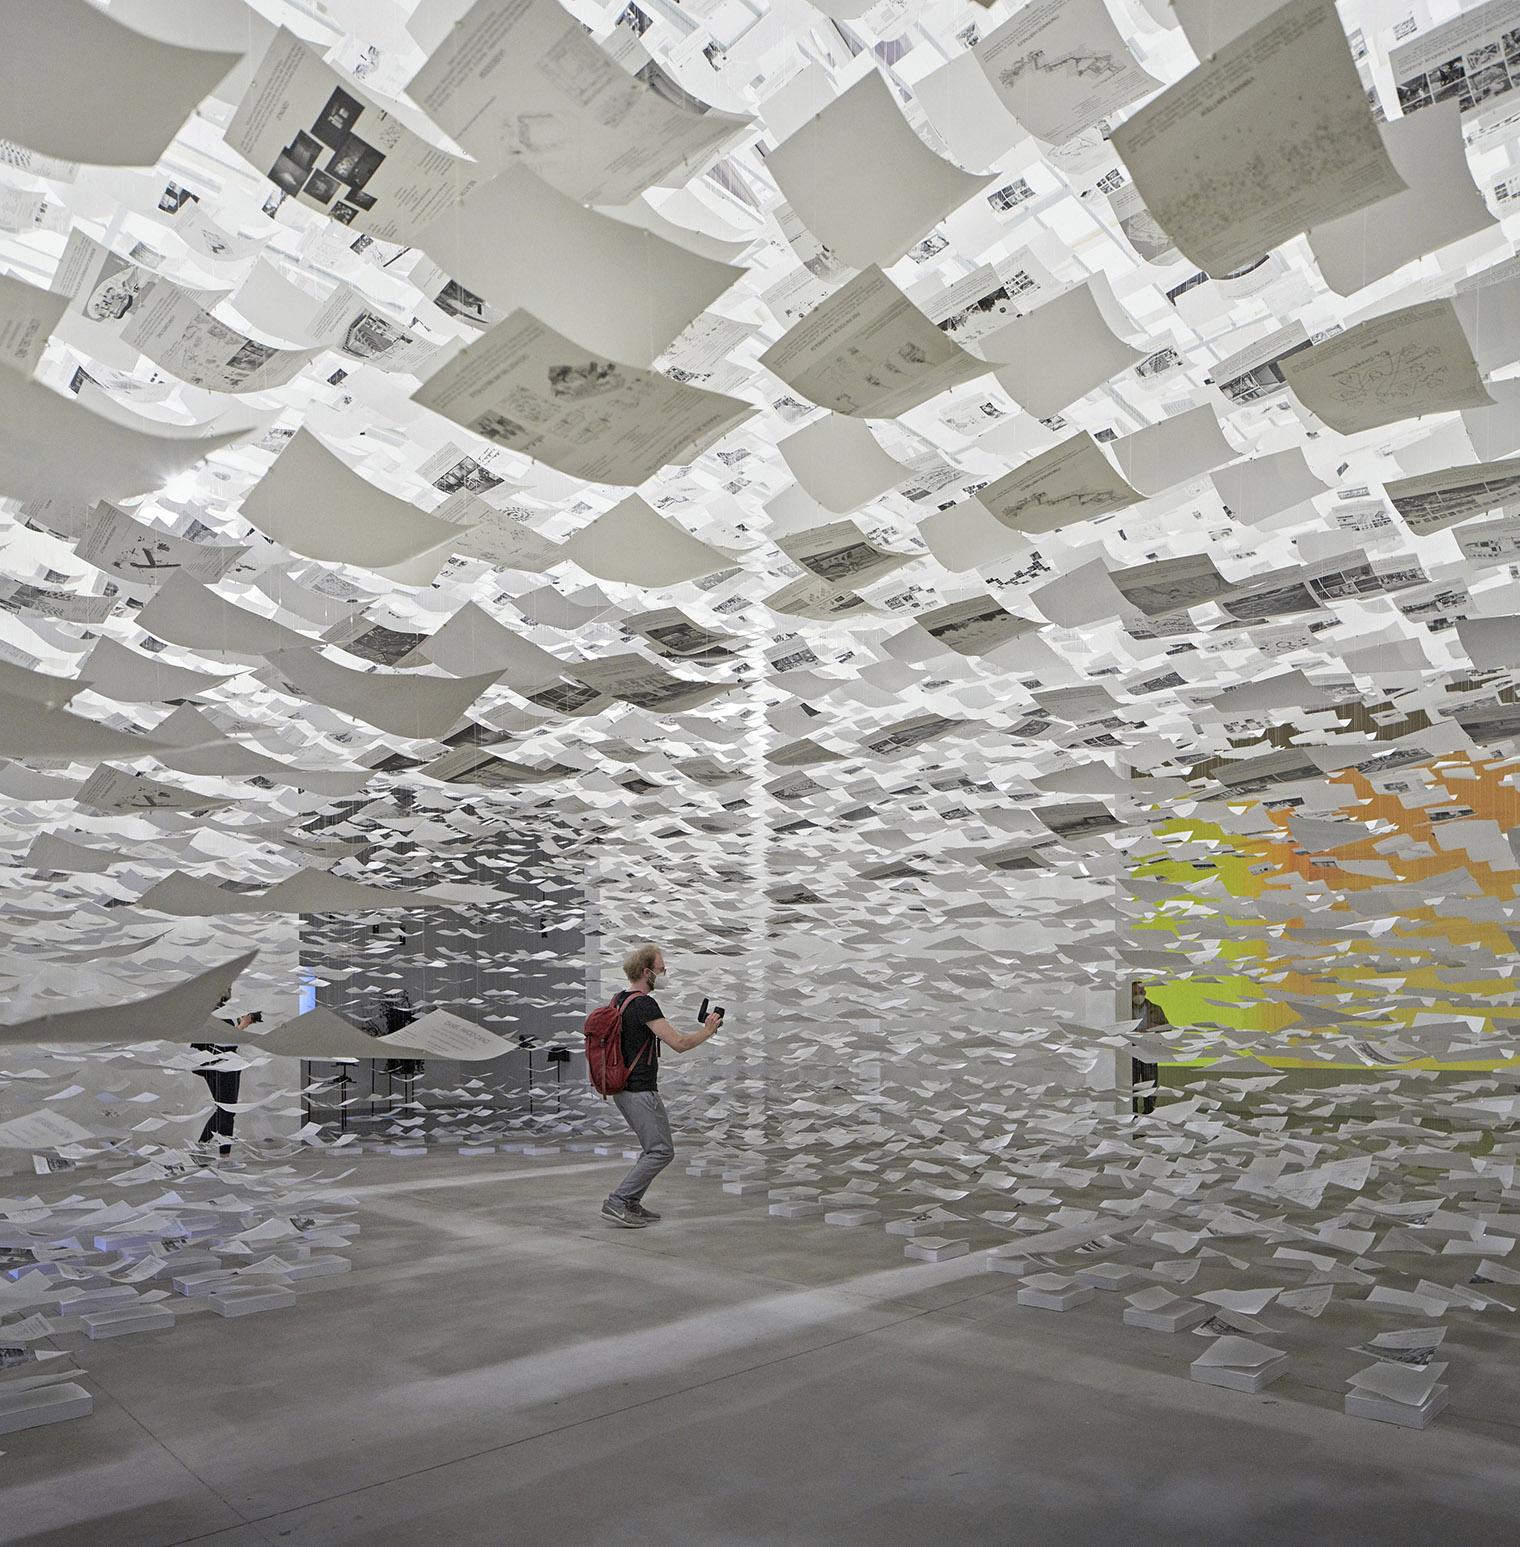 La incertidumbre de la arquitectura en el Pabellón de España en la Bienal de Venecia. Uncertainty. Sofía Piñero, Domingo J. González, Andrzej Gwizdala y Fernando Herrera